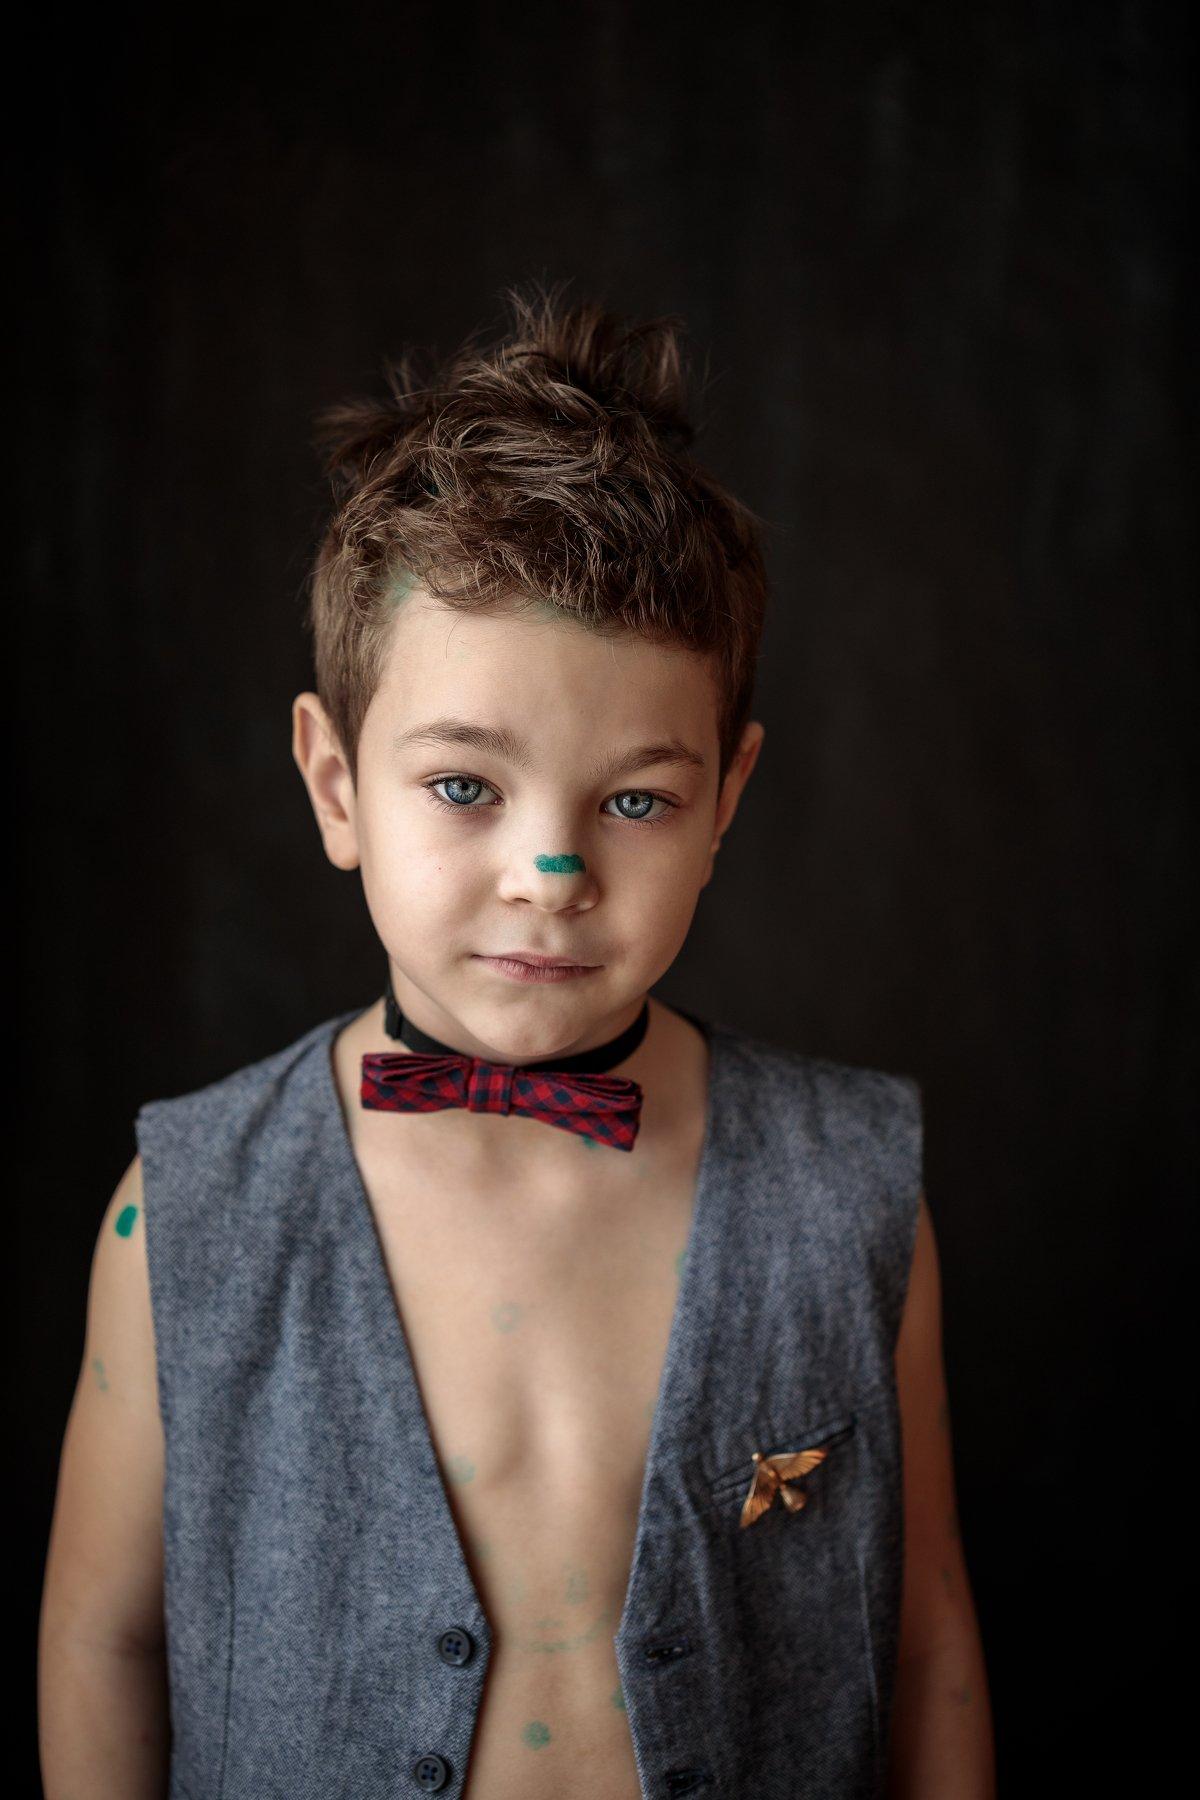 Ветрянка ребенок улыбка бабочка мода жилет птица брошка пуговицы мода зеленка, Алёна Постникова